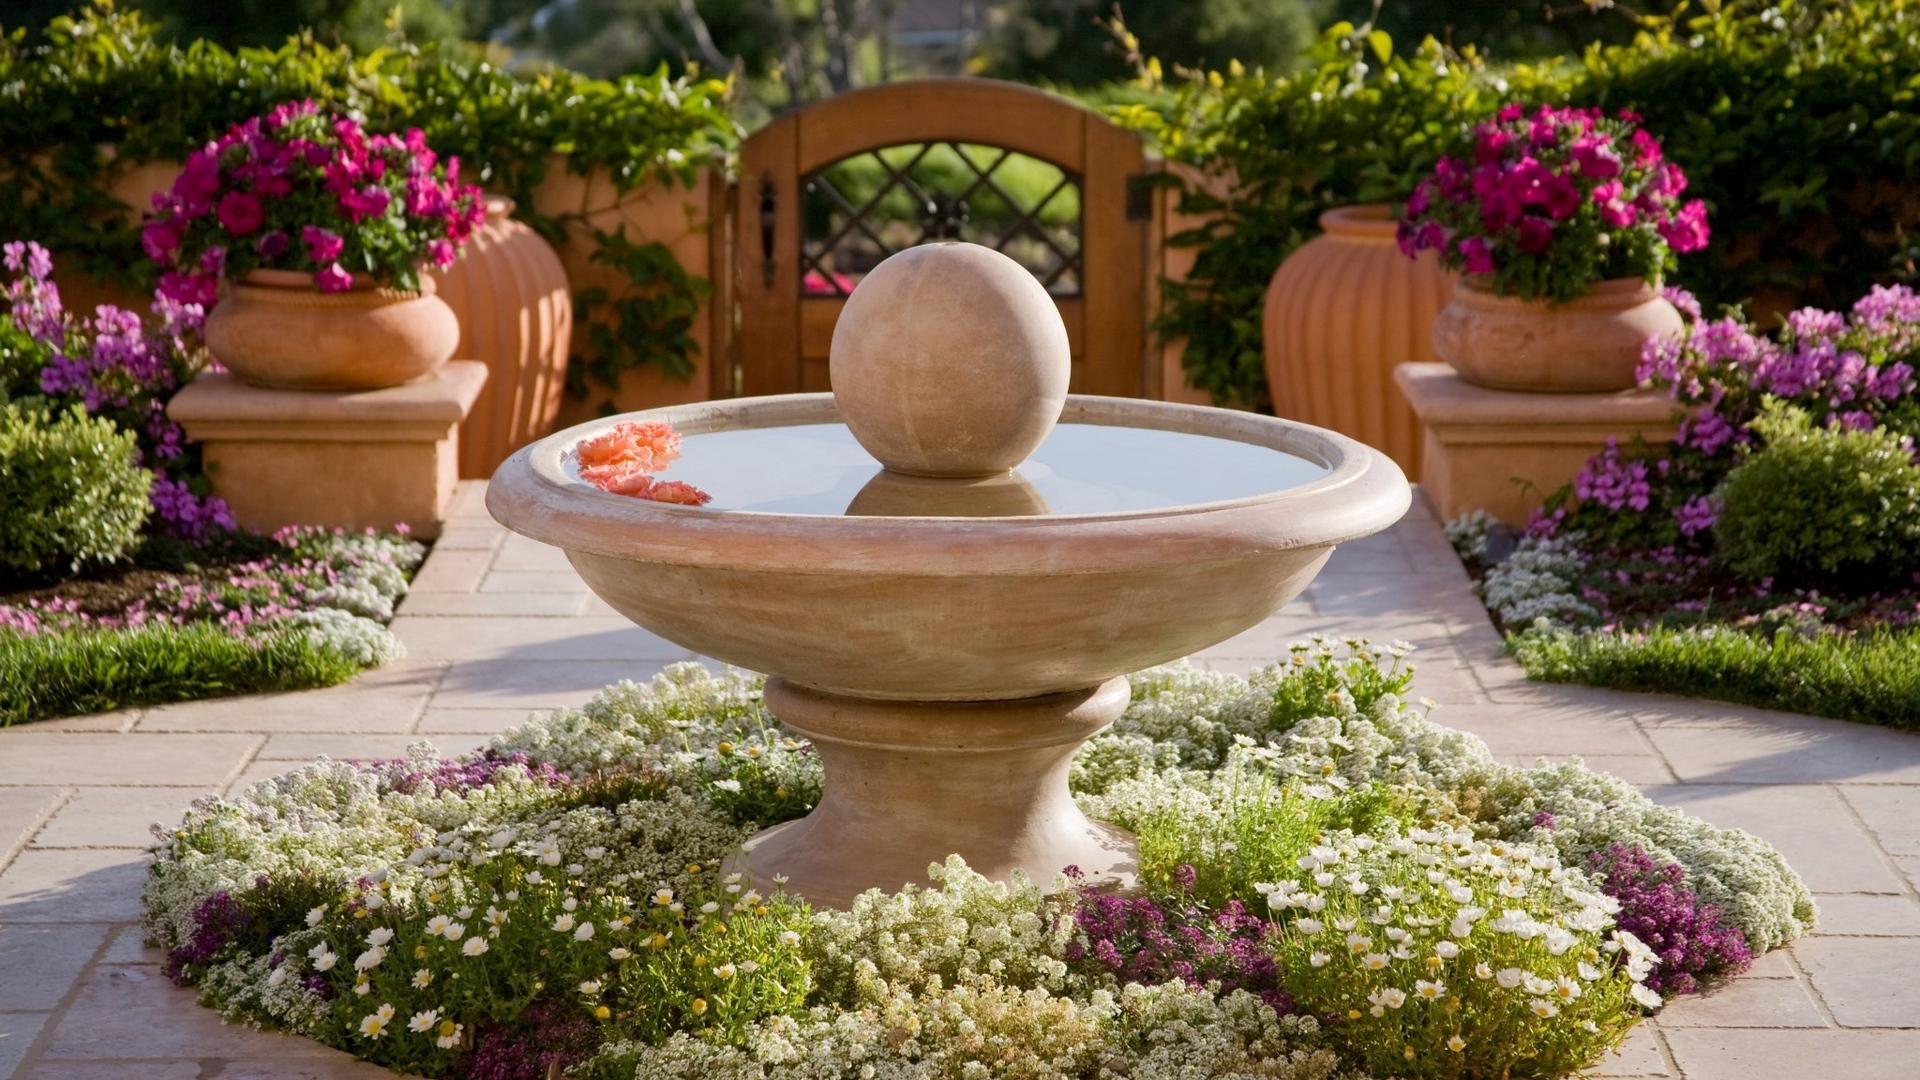 landscape_design_fountain_flowers_87148_1920x1080